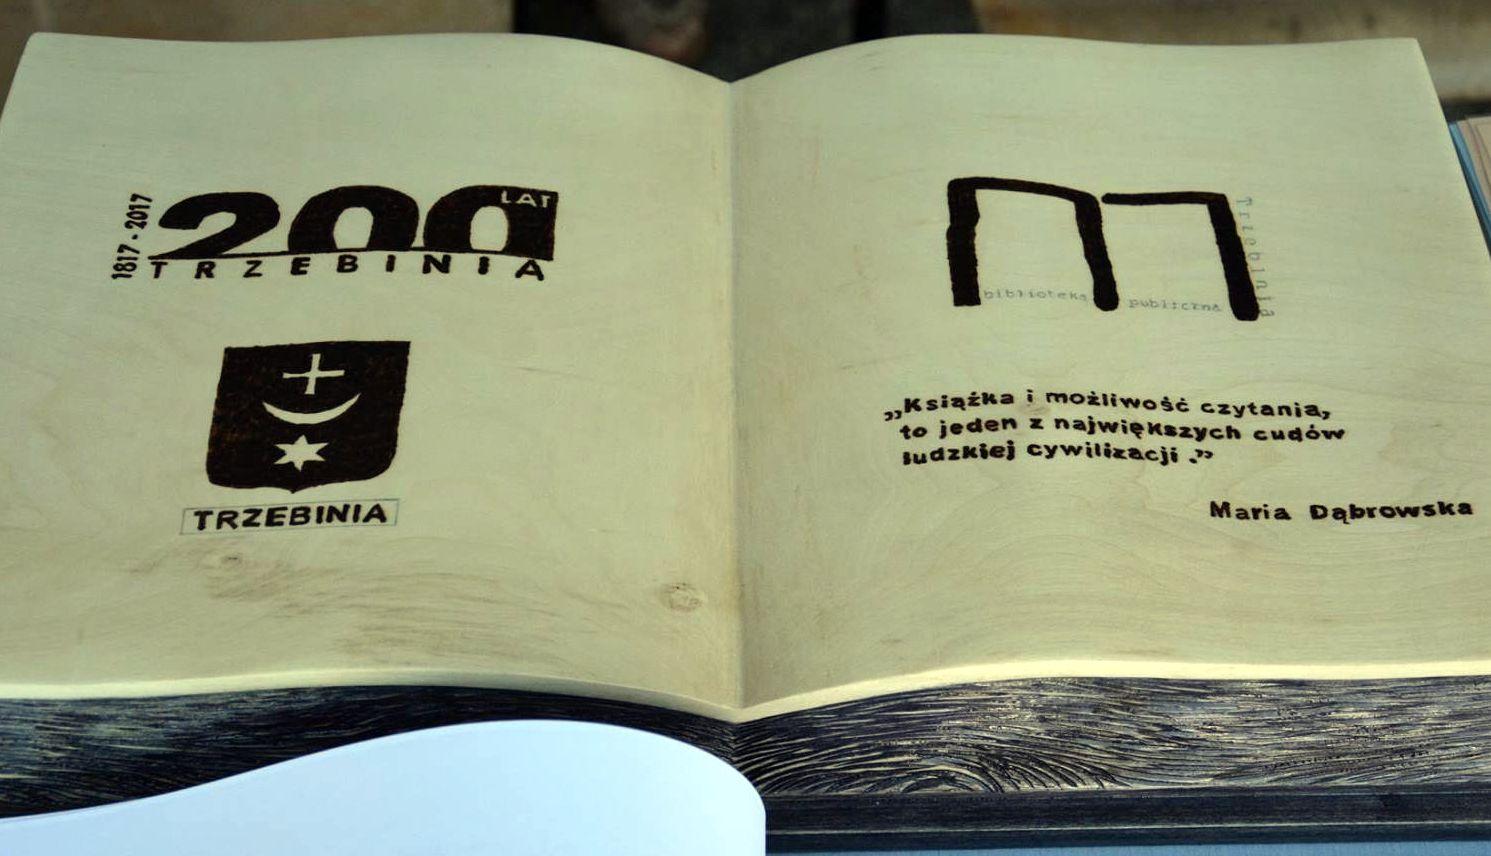 #mojabiblioteka Trzebinia